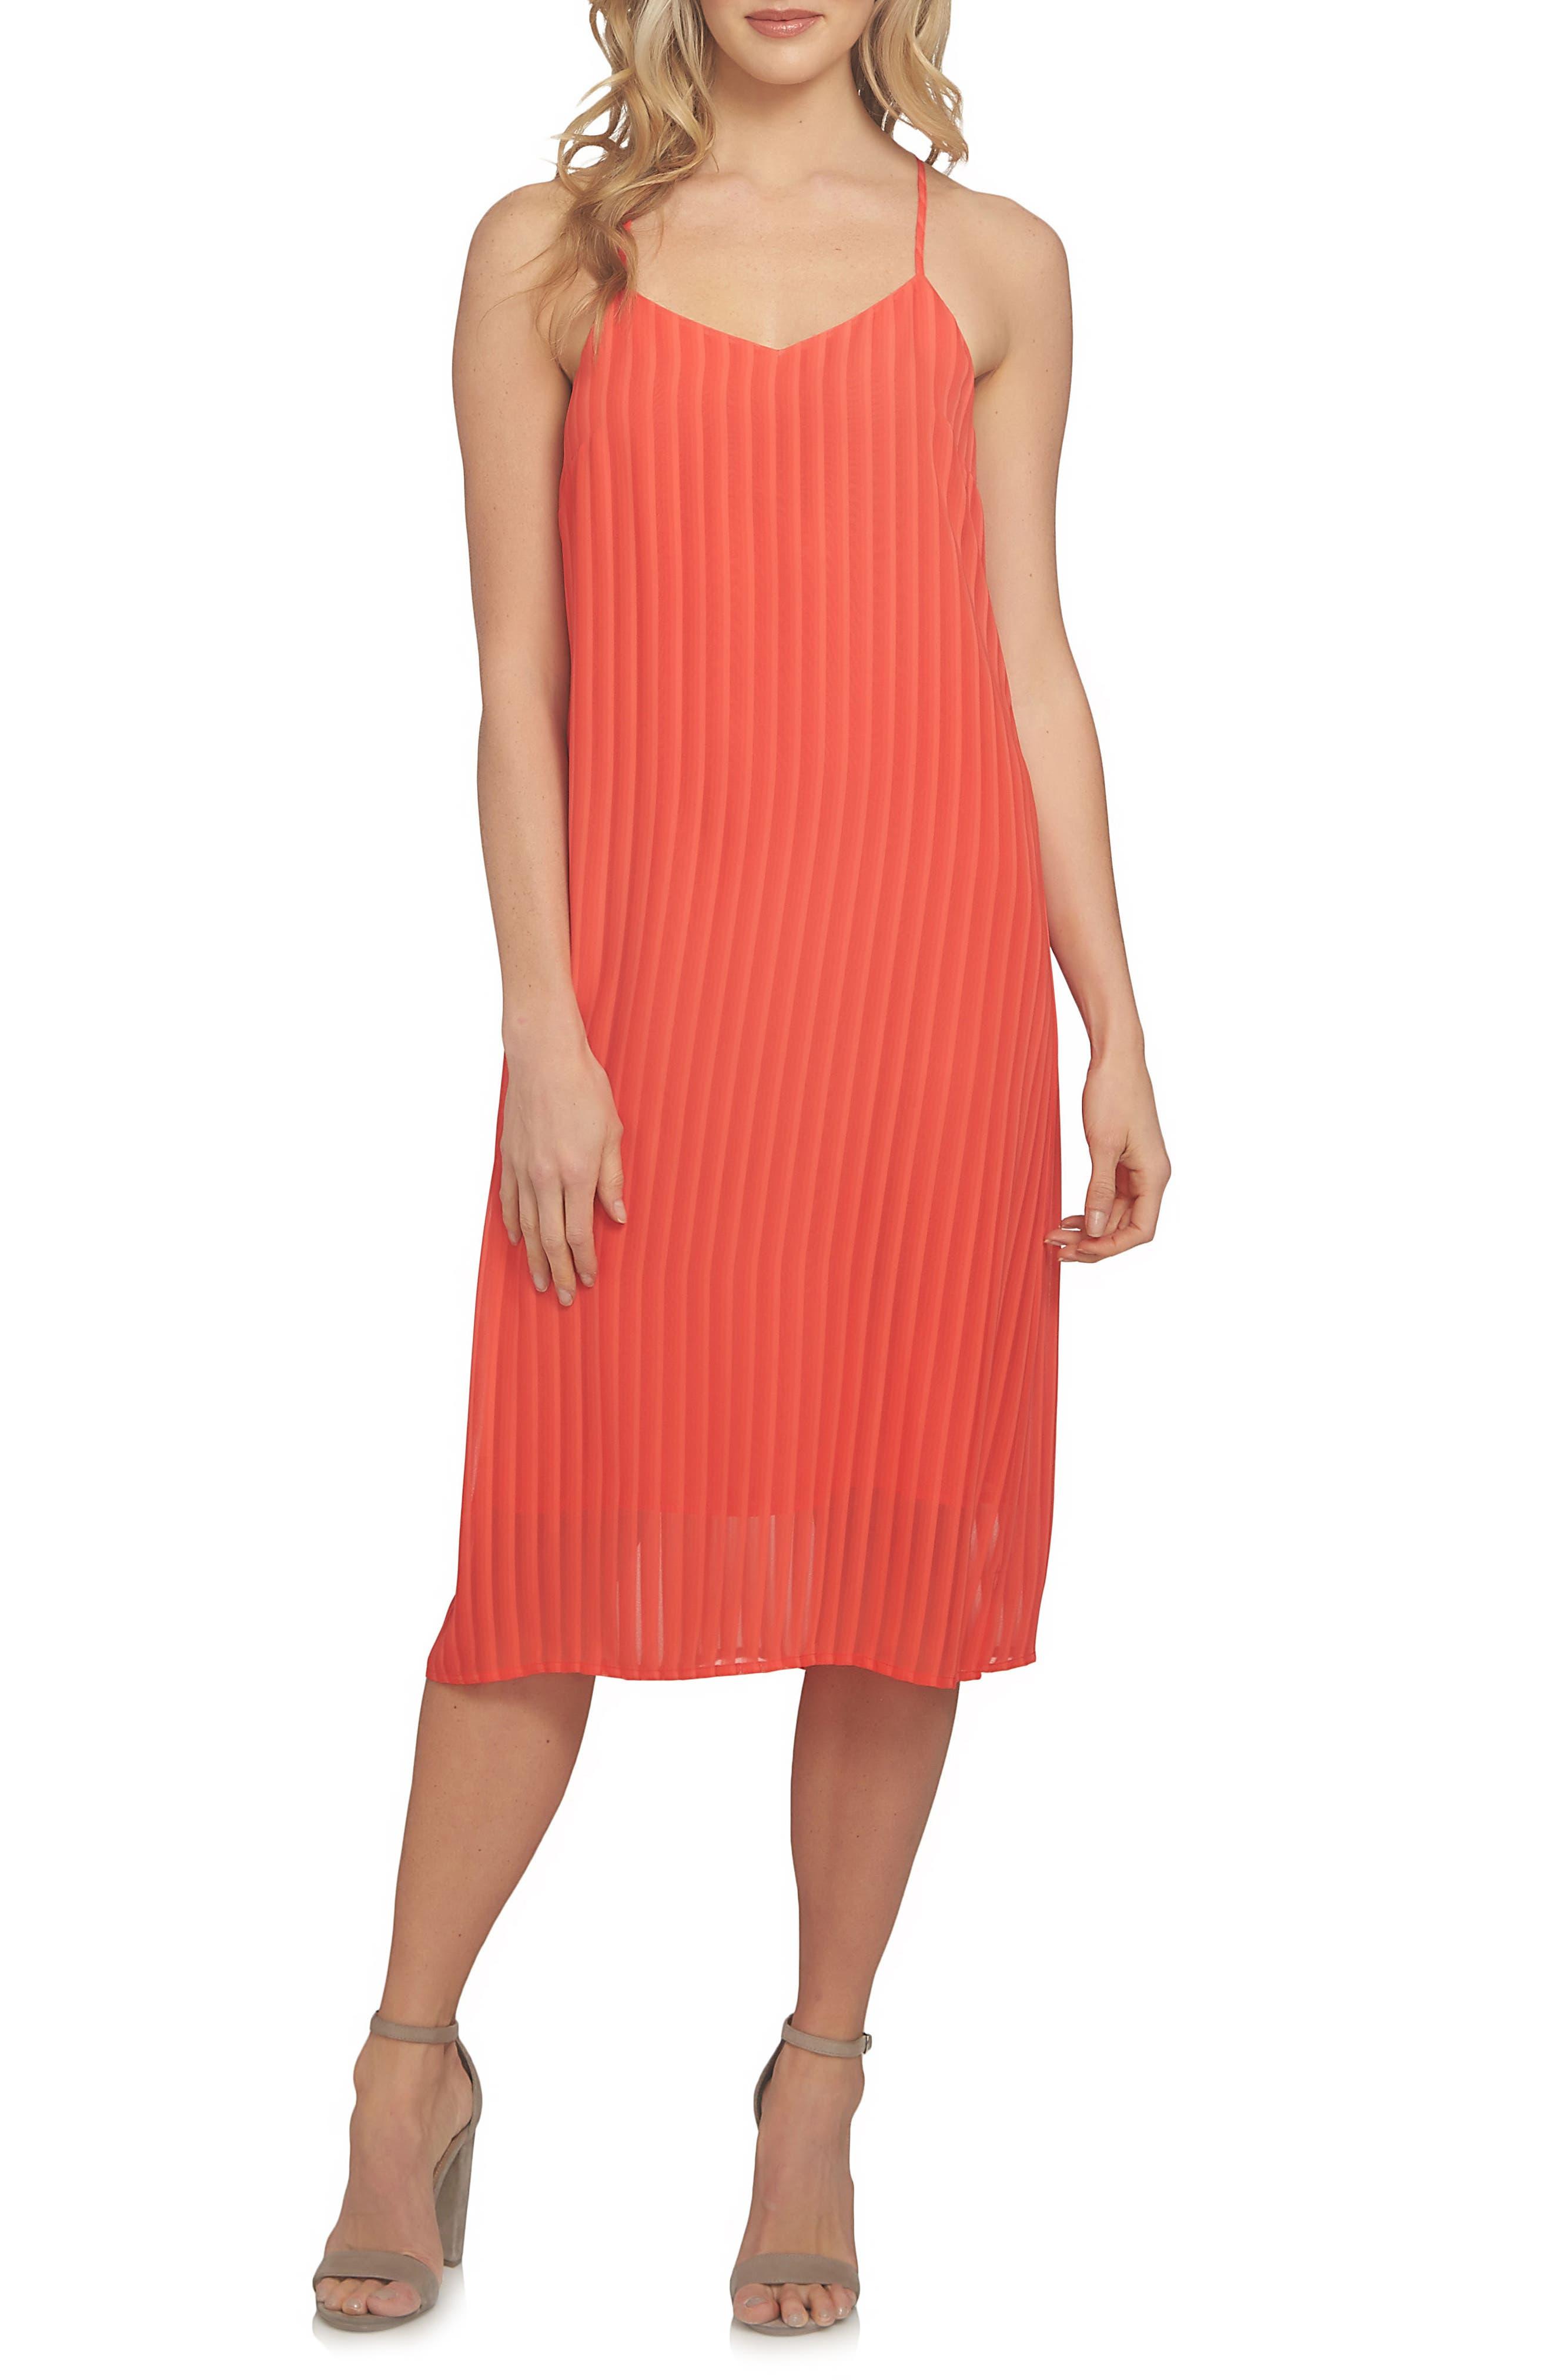 Lacey Chiffon Midi Dress,                             Main thumbnail 1, color,                             609